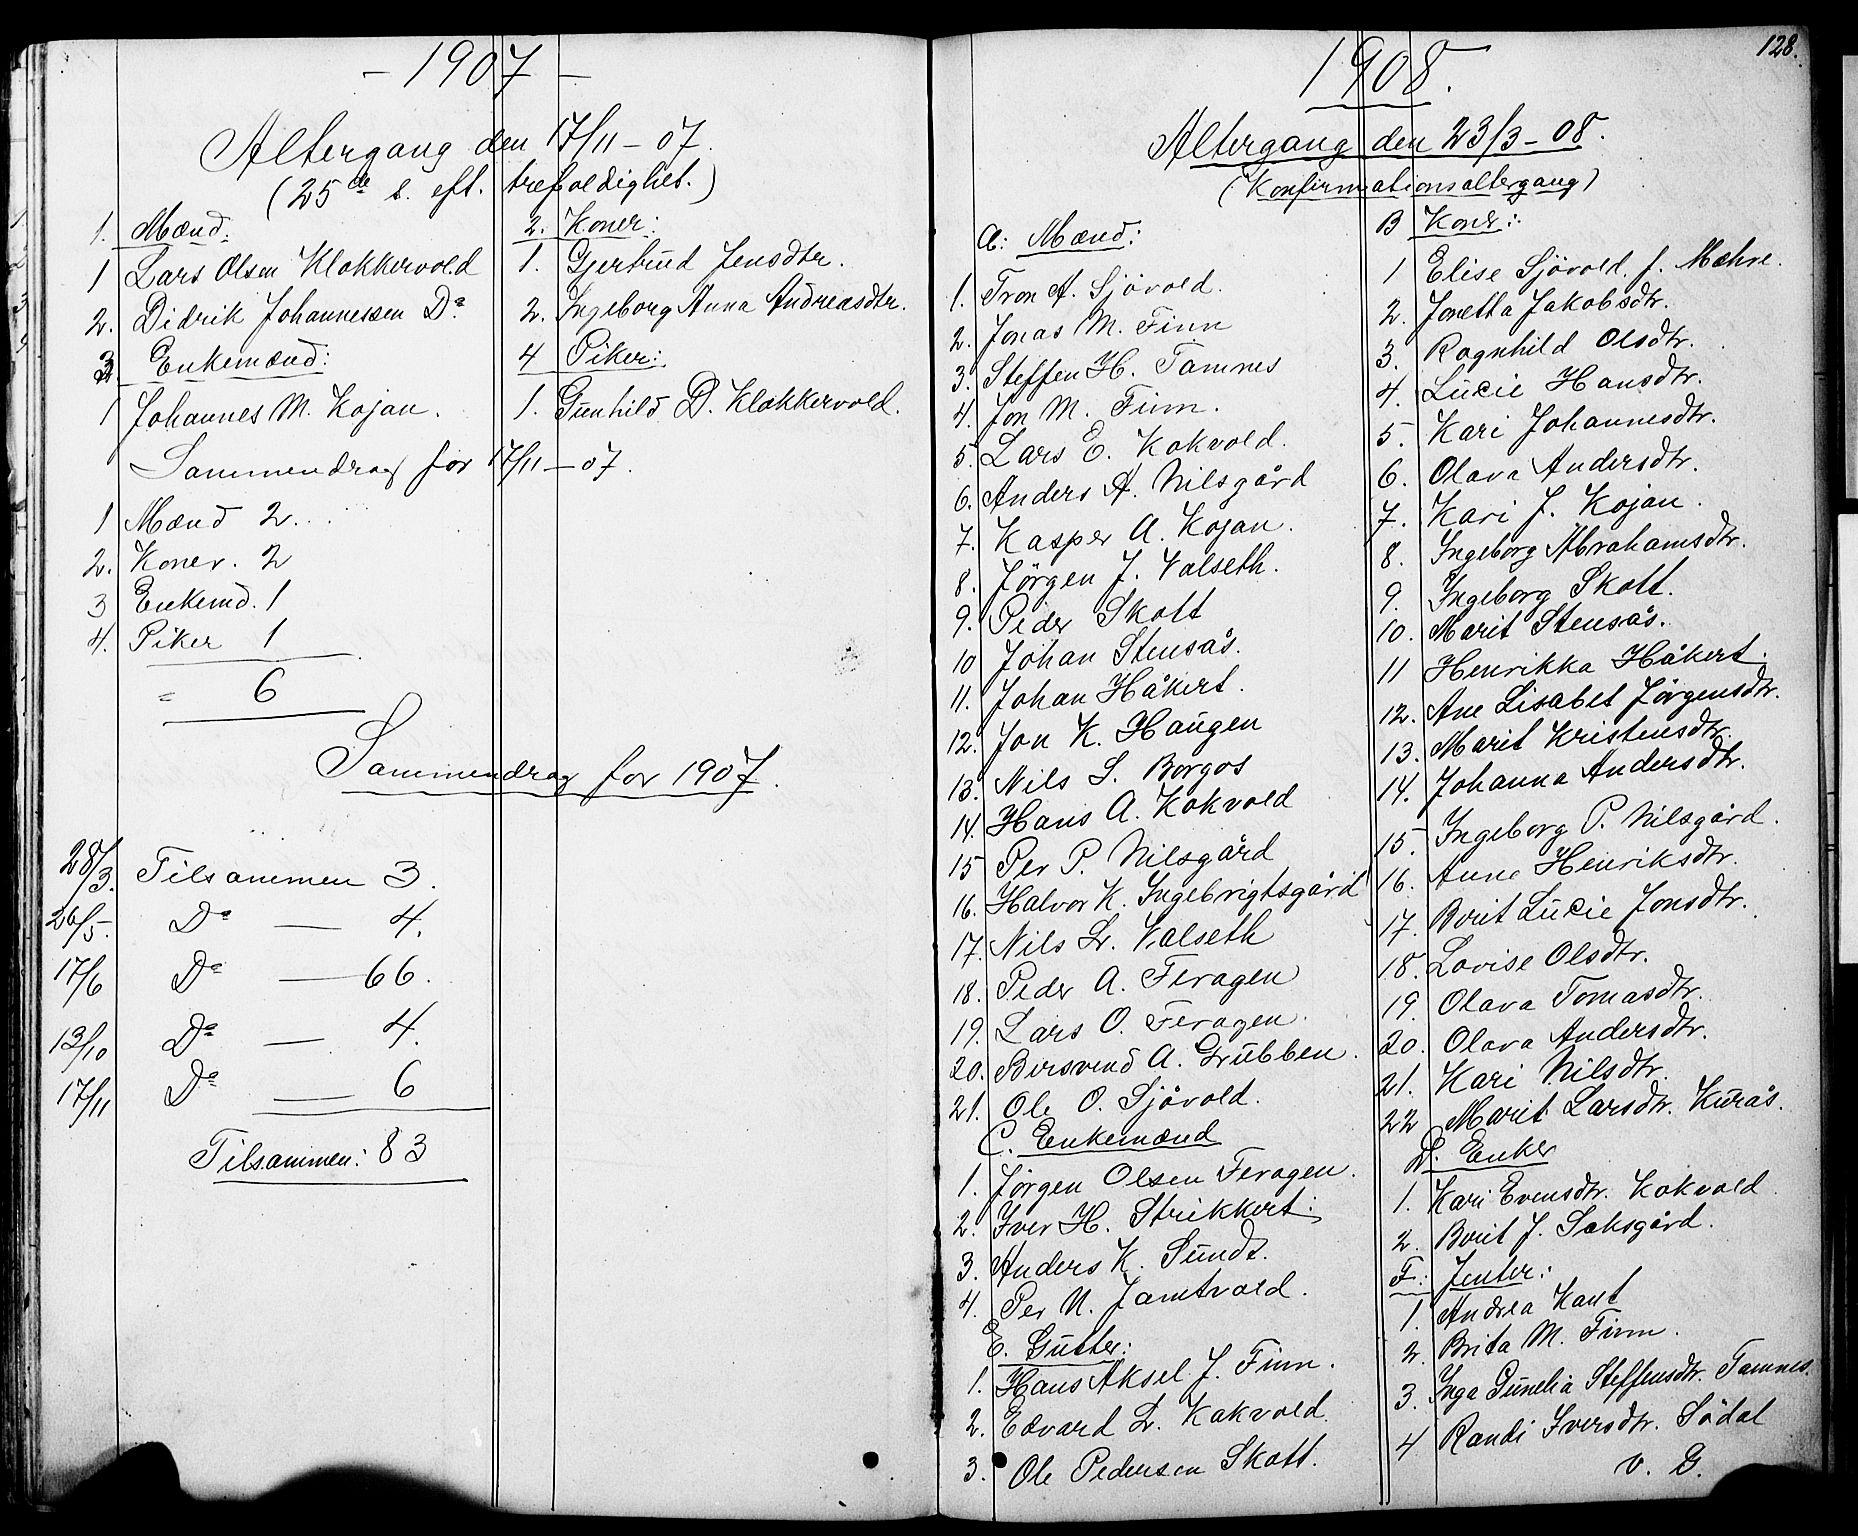 SAT, Ministerialprotokoller, klokkerbøker og fødselsregistre - Sør-Trøndelag, 683/L0949: Klokkerbok nr. 683C01, 1880-1896, s. 128